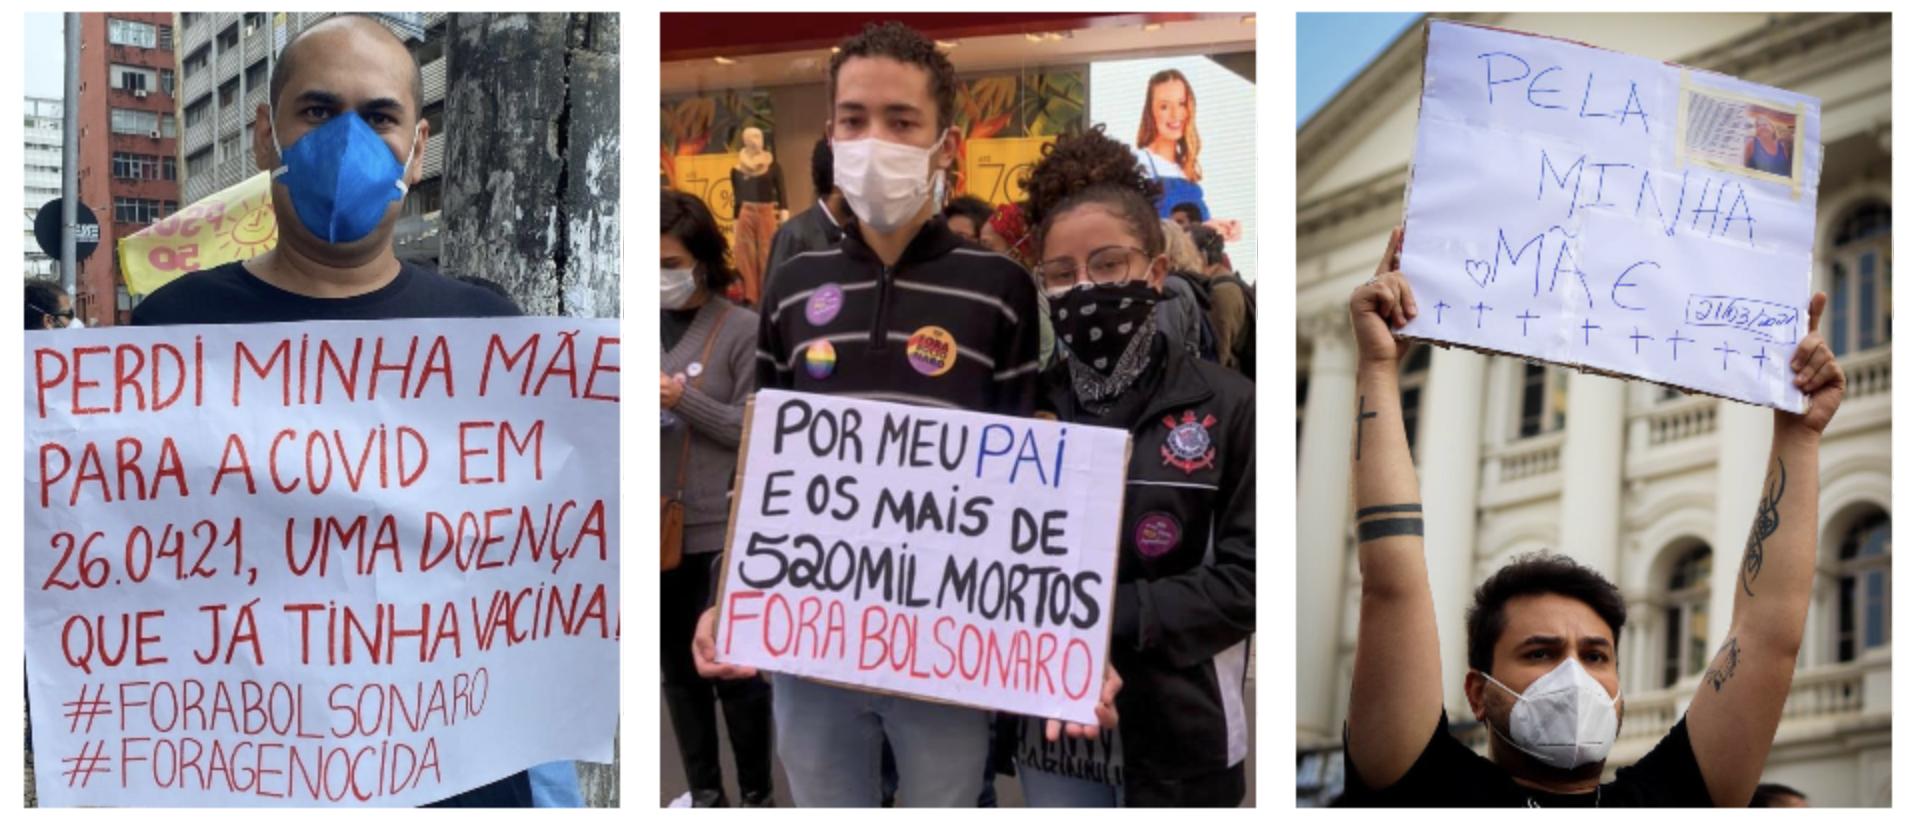 Sob chuva, manifestantes fazem emocionante homenagem às vitimas de Bolsonaro em João Pessoa, o que se repetiu por todo o Brasil; vídeo e fotos